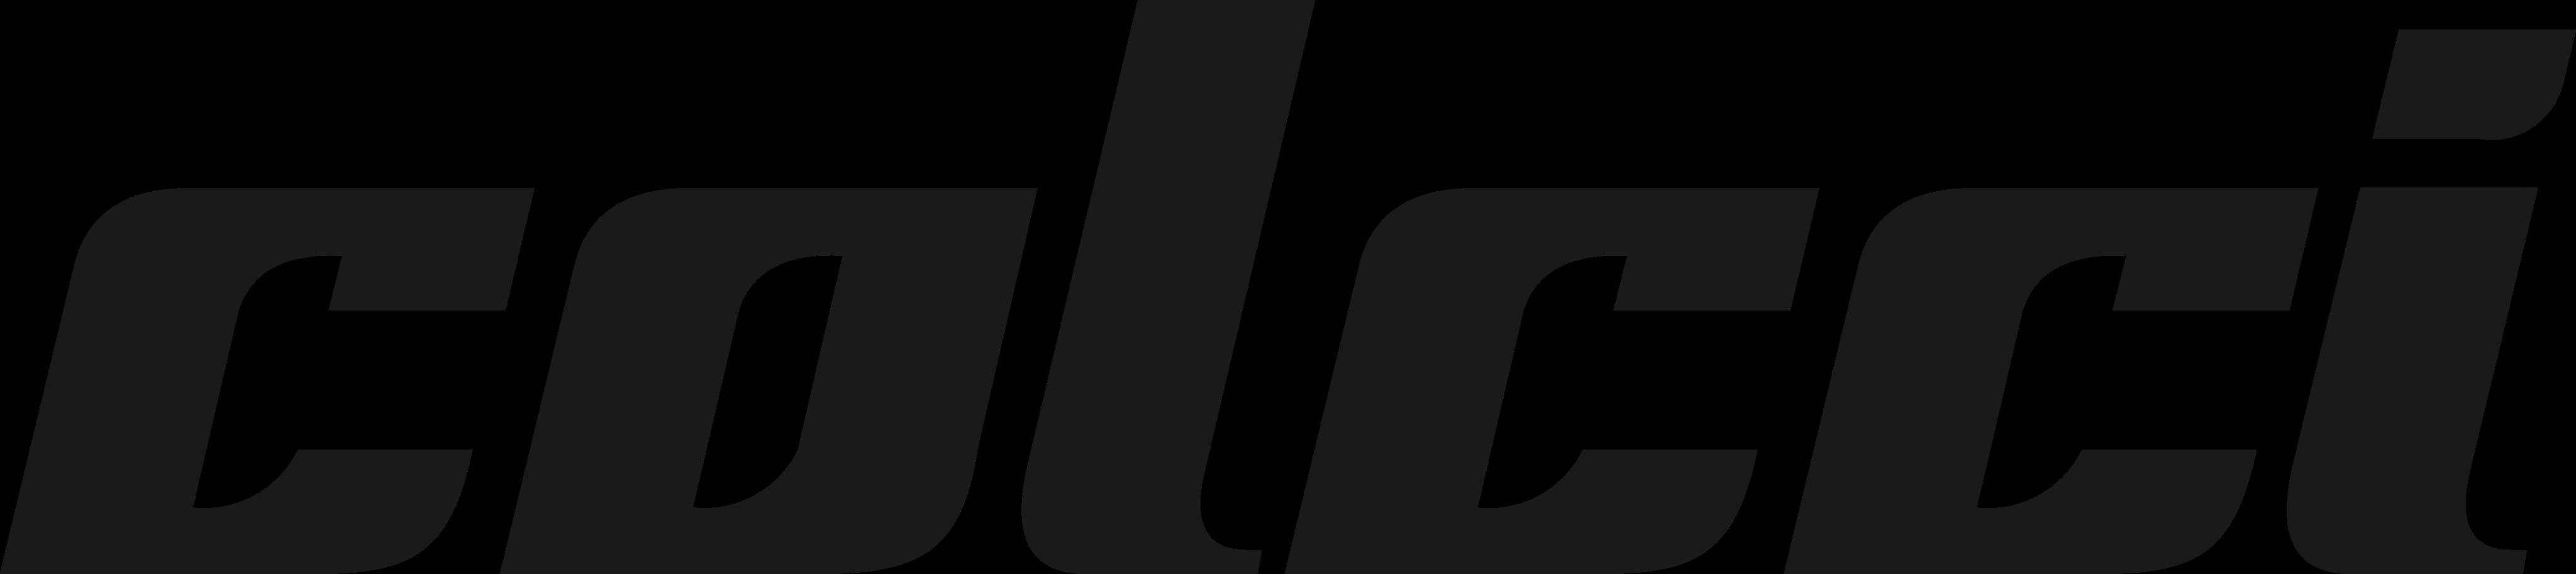 colcci logo - Colcci Logo